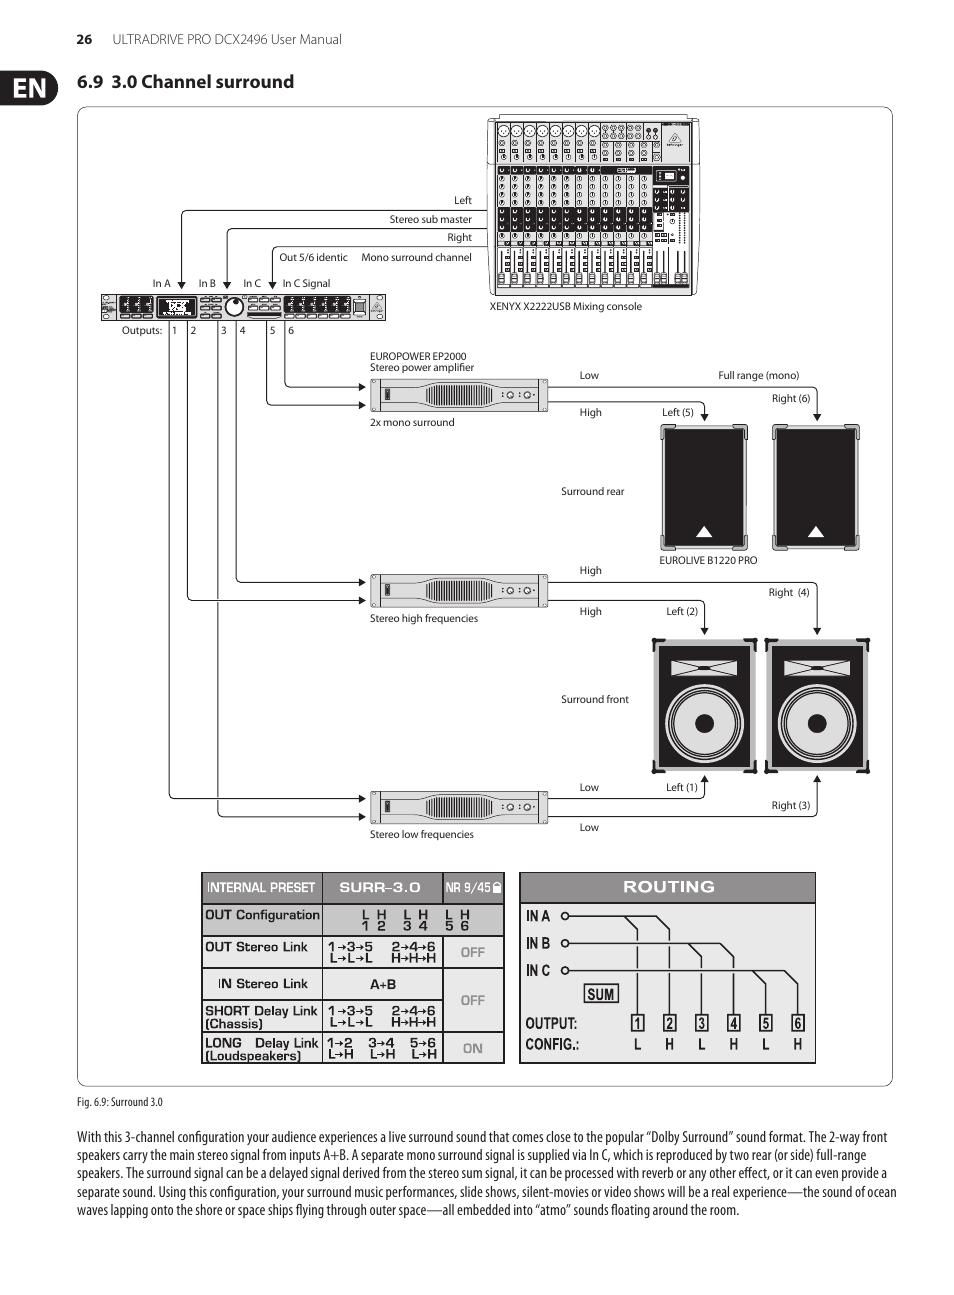 9 3 0 channel surround behringer ultradrive pro dcx2496 user rh manualsdir com behringer ultradrive pro dcx2496 user manual Behringer 2496 Mods